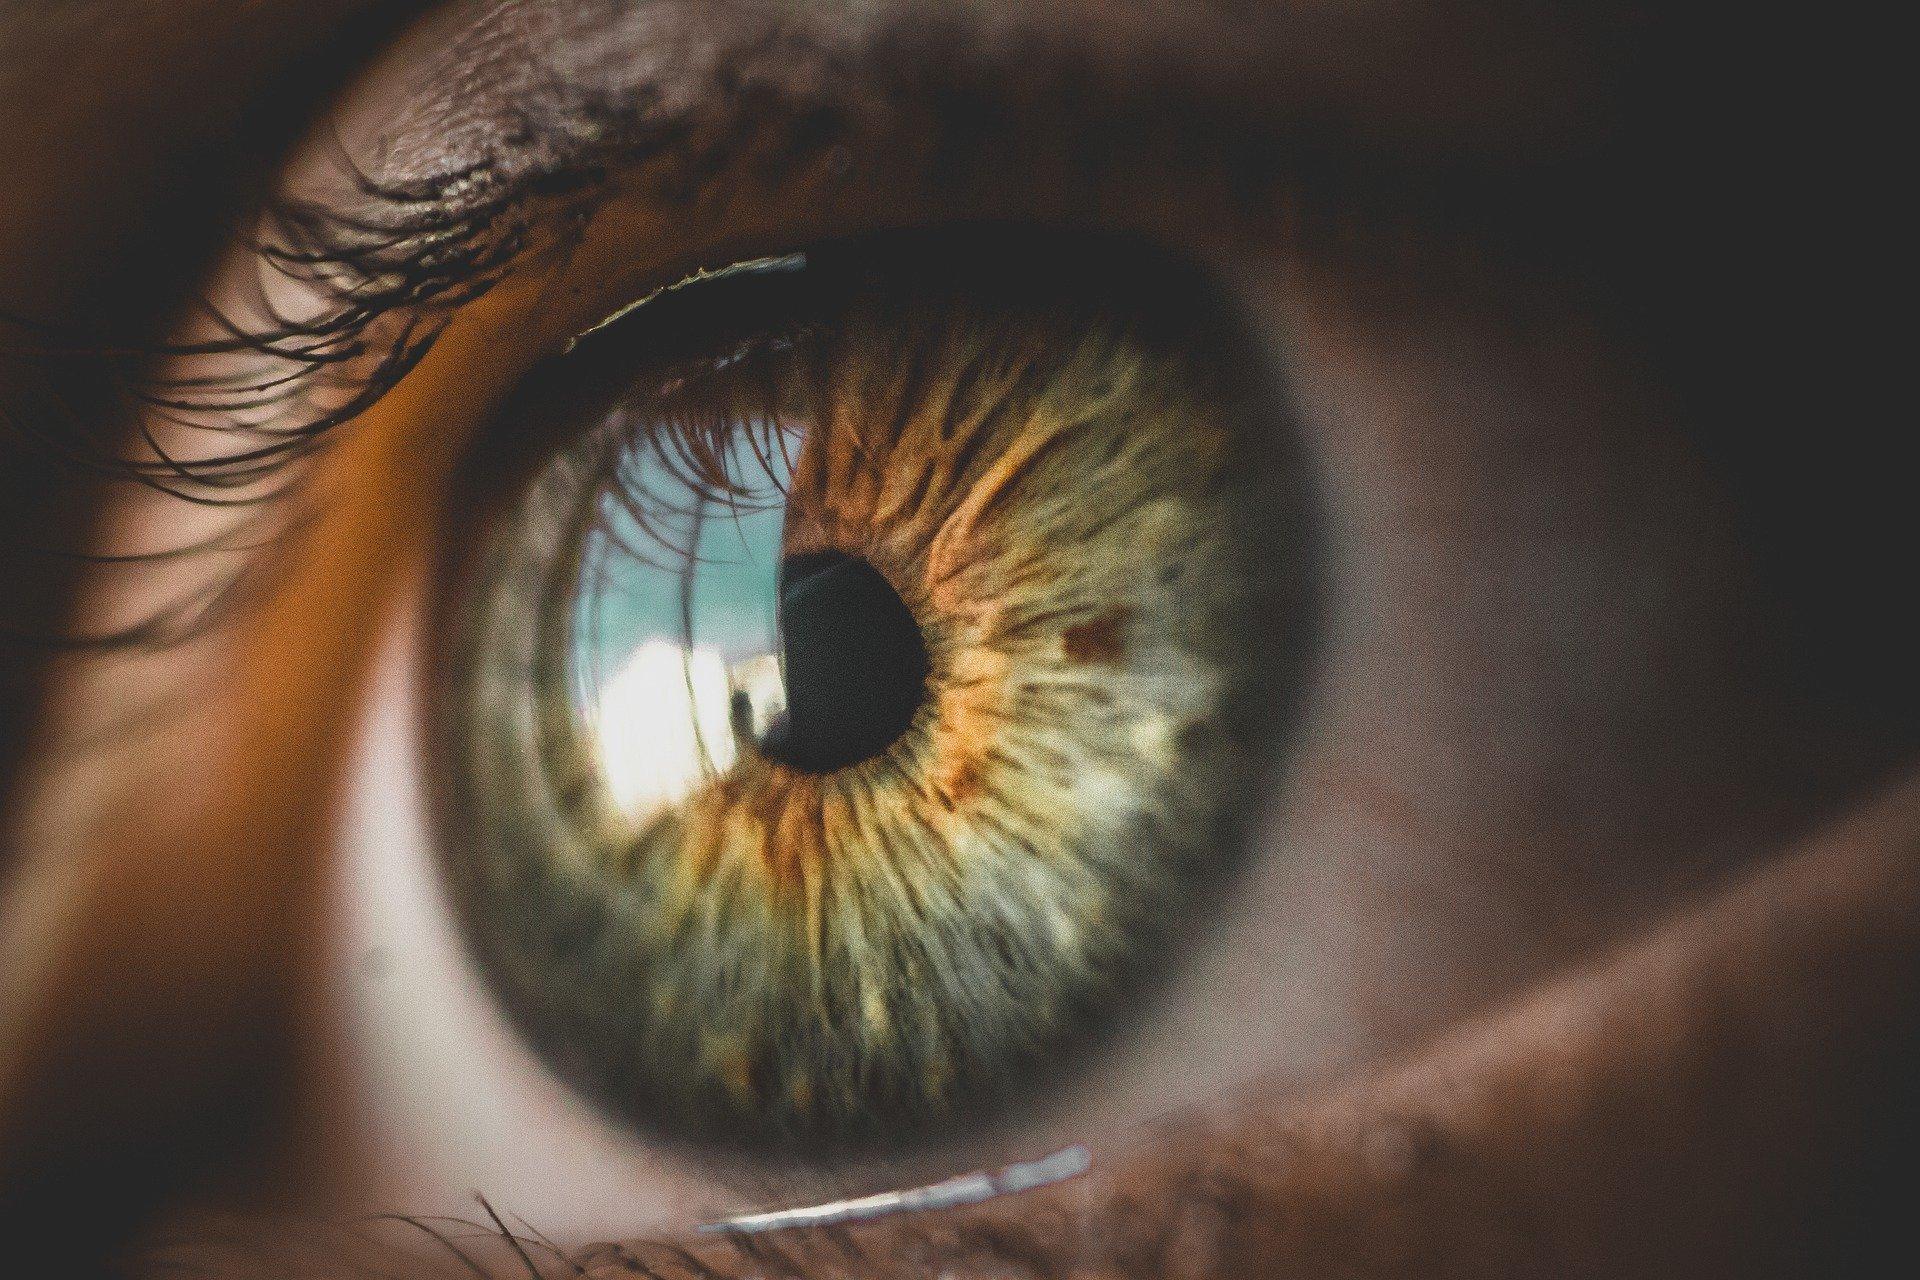 Você sente tremor nos olhos? Por que isso acontece?